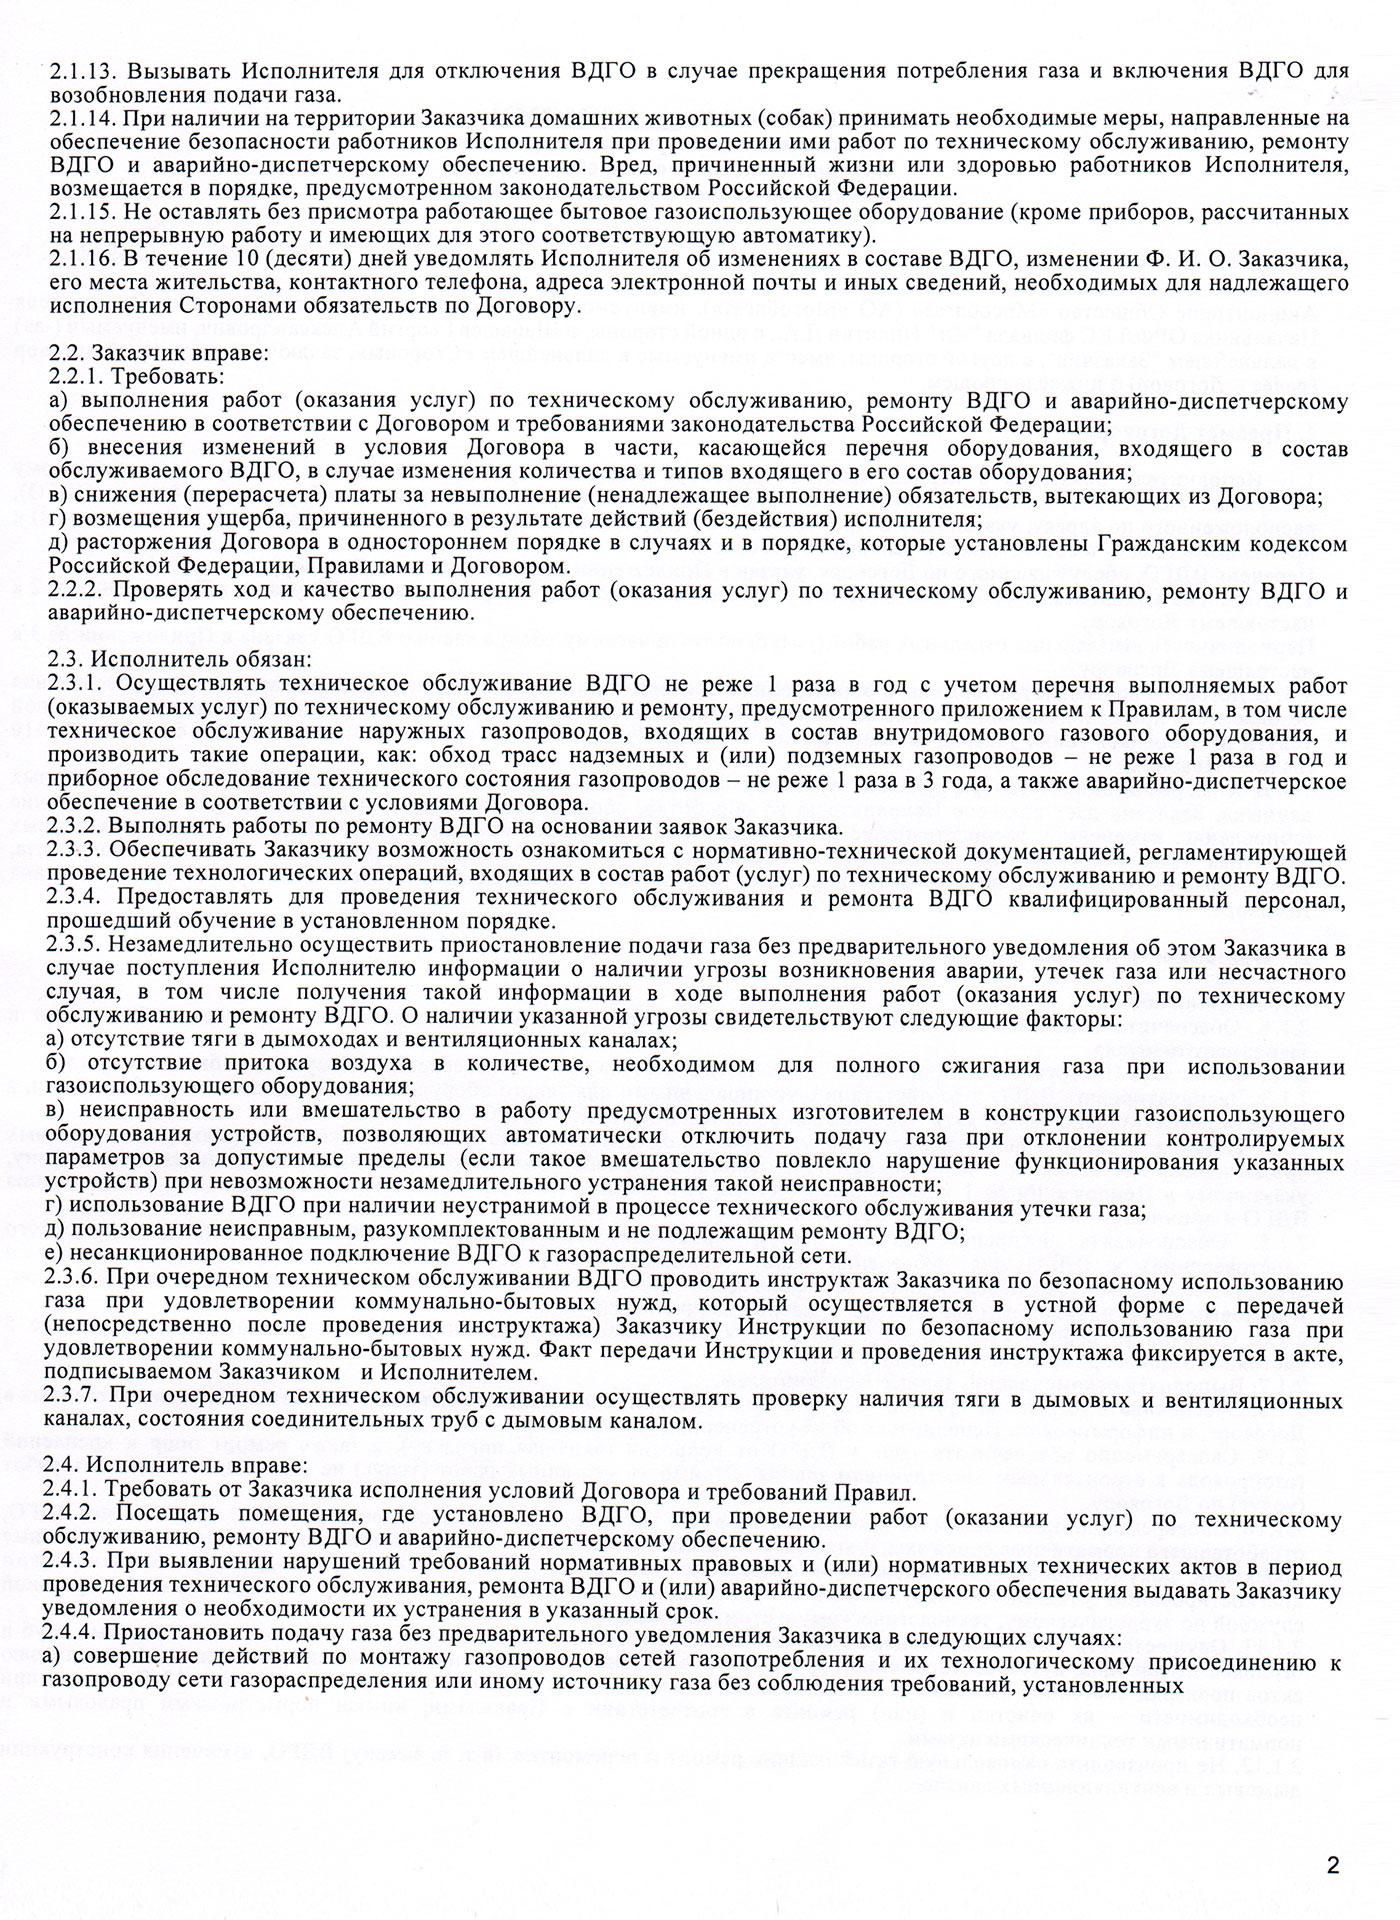 По договору специалисты Мособлгаз будут раз в год выполнять техобслуживание указанных газовых приборов